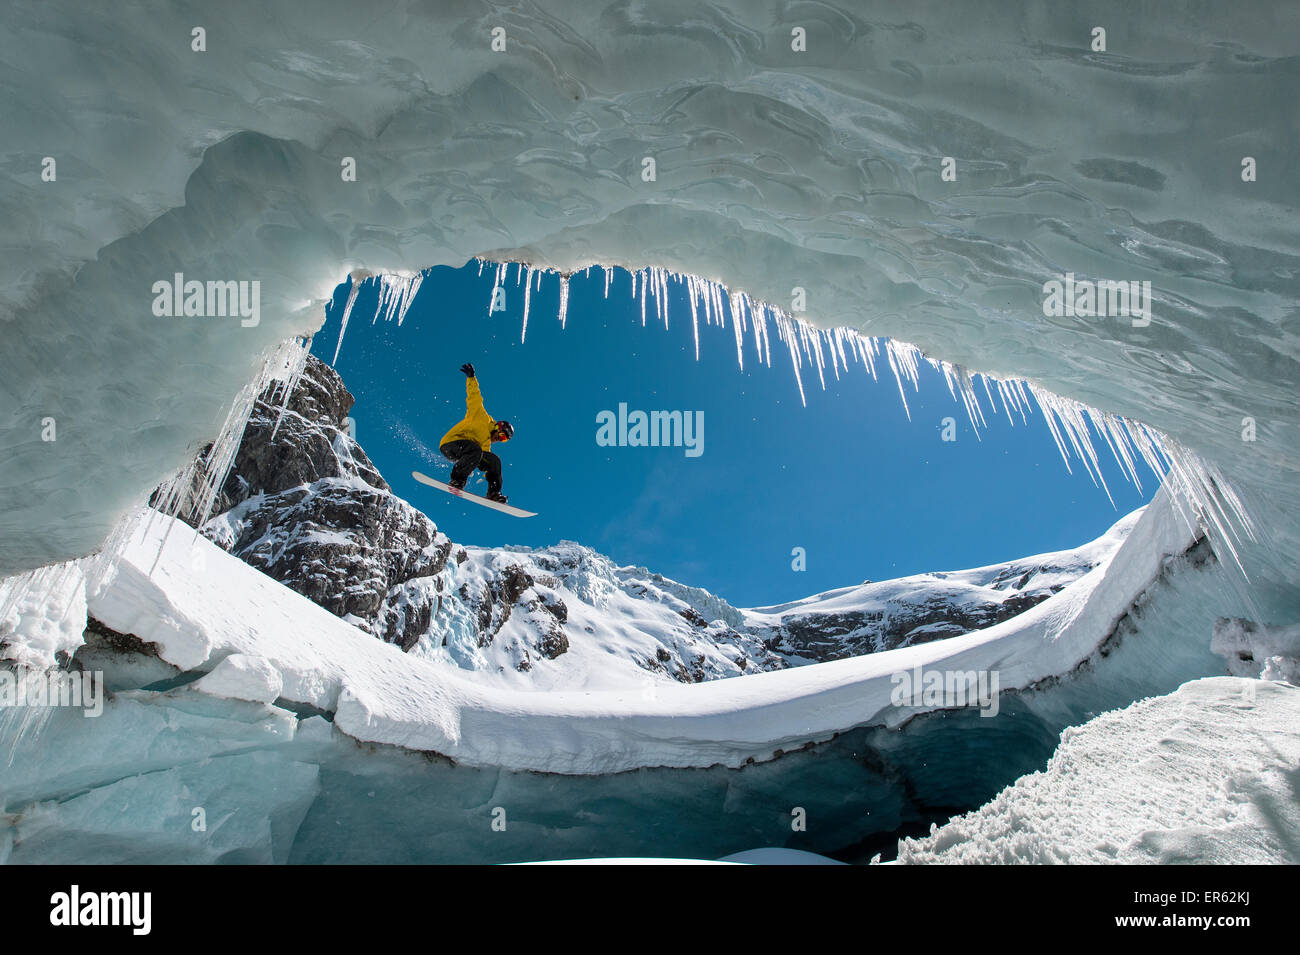 Snowboard en la cueva de hielo, val roseg, pontresina, cantón de los Grisones, Suiza Imagen De Stock